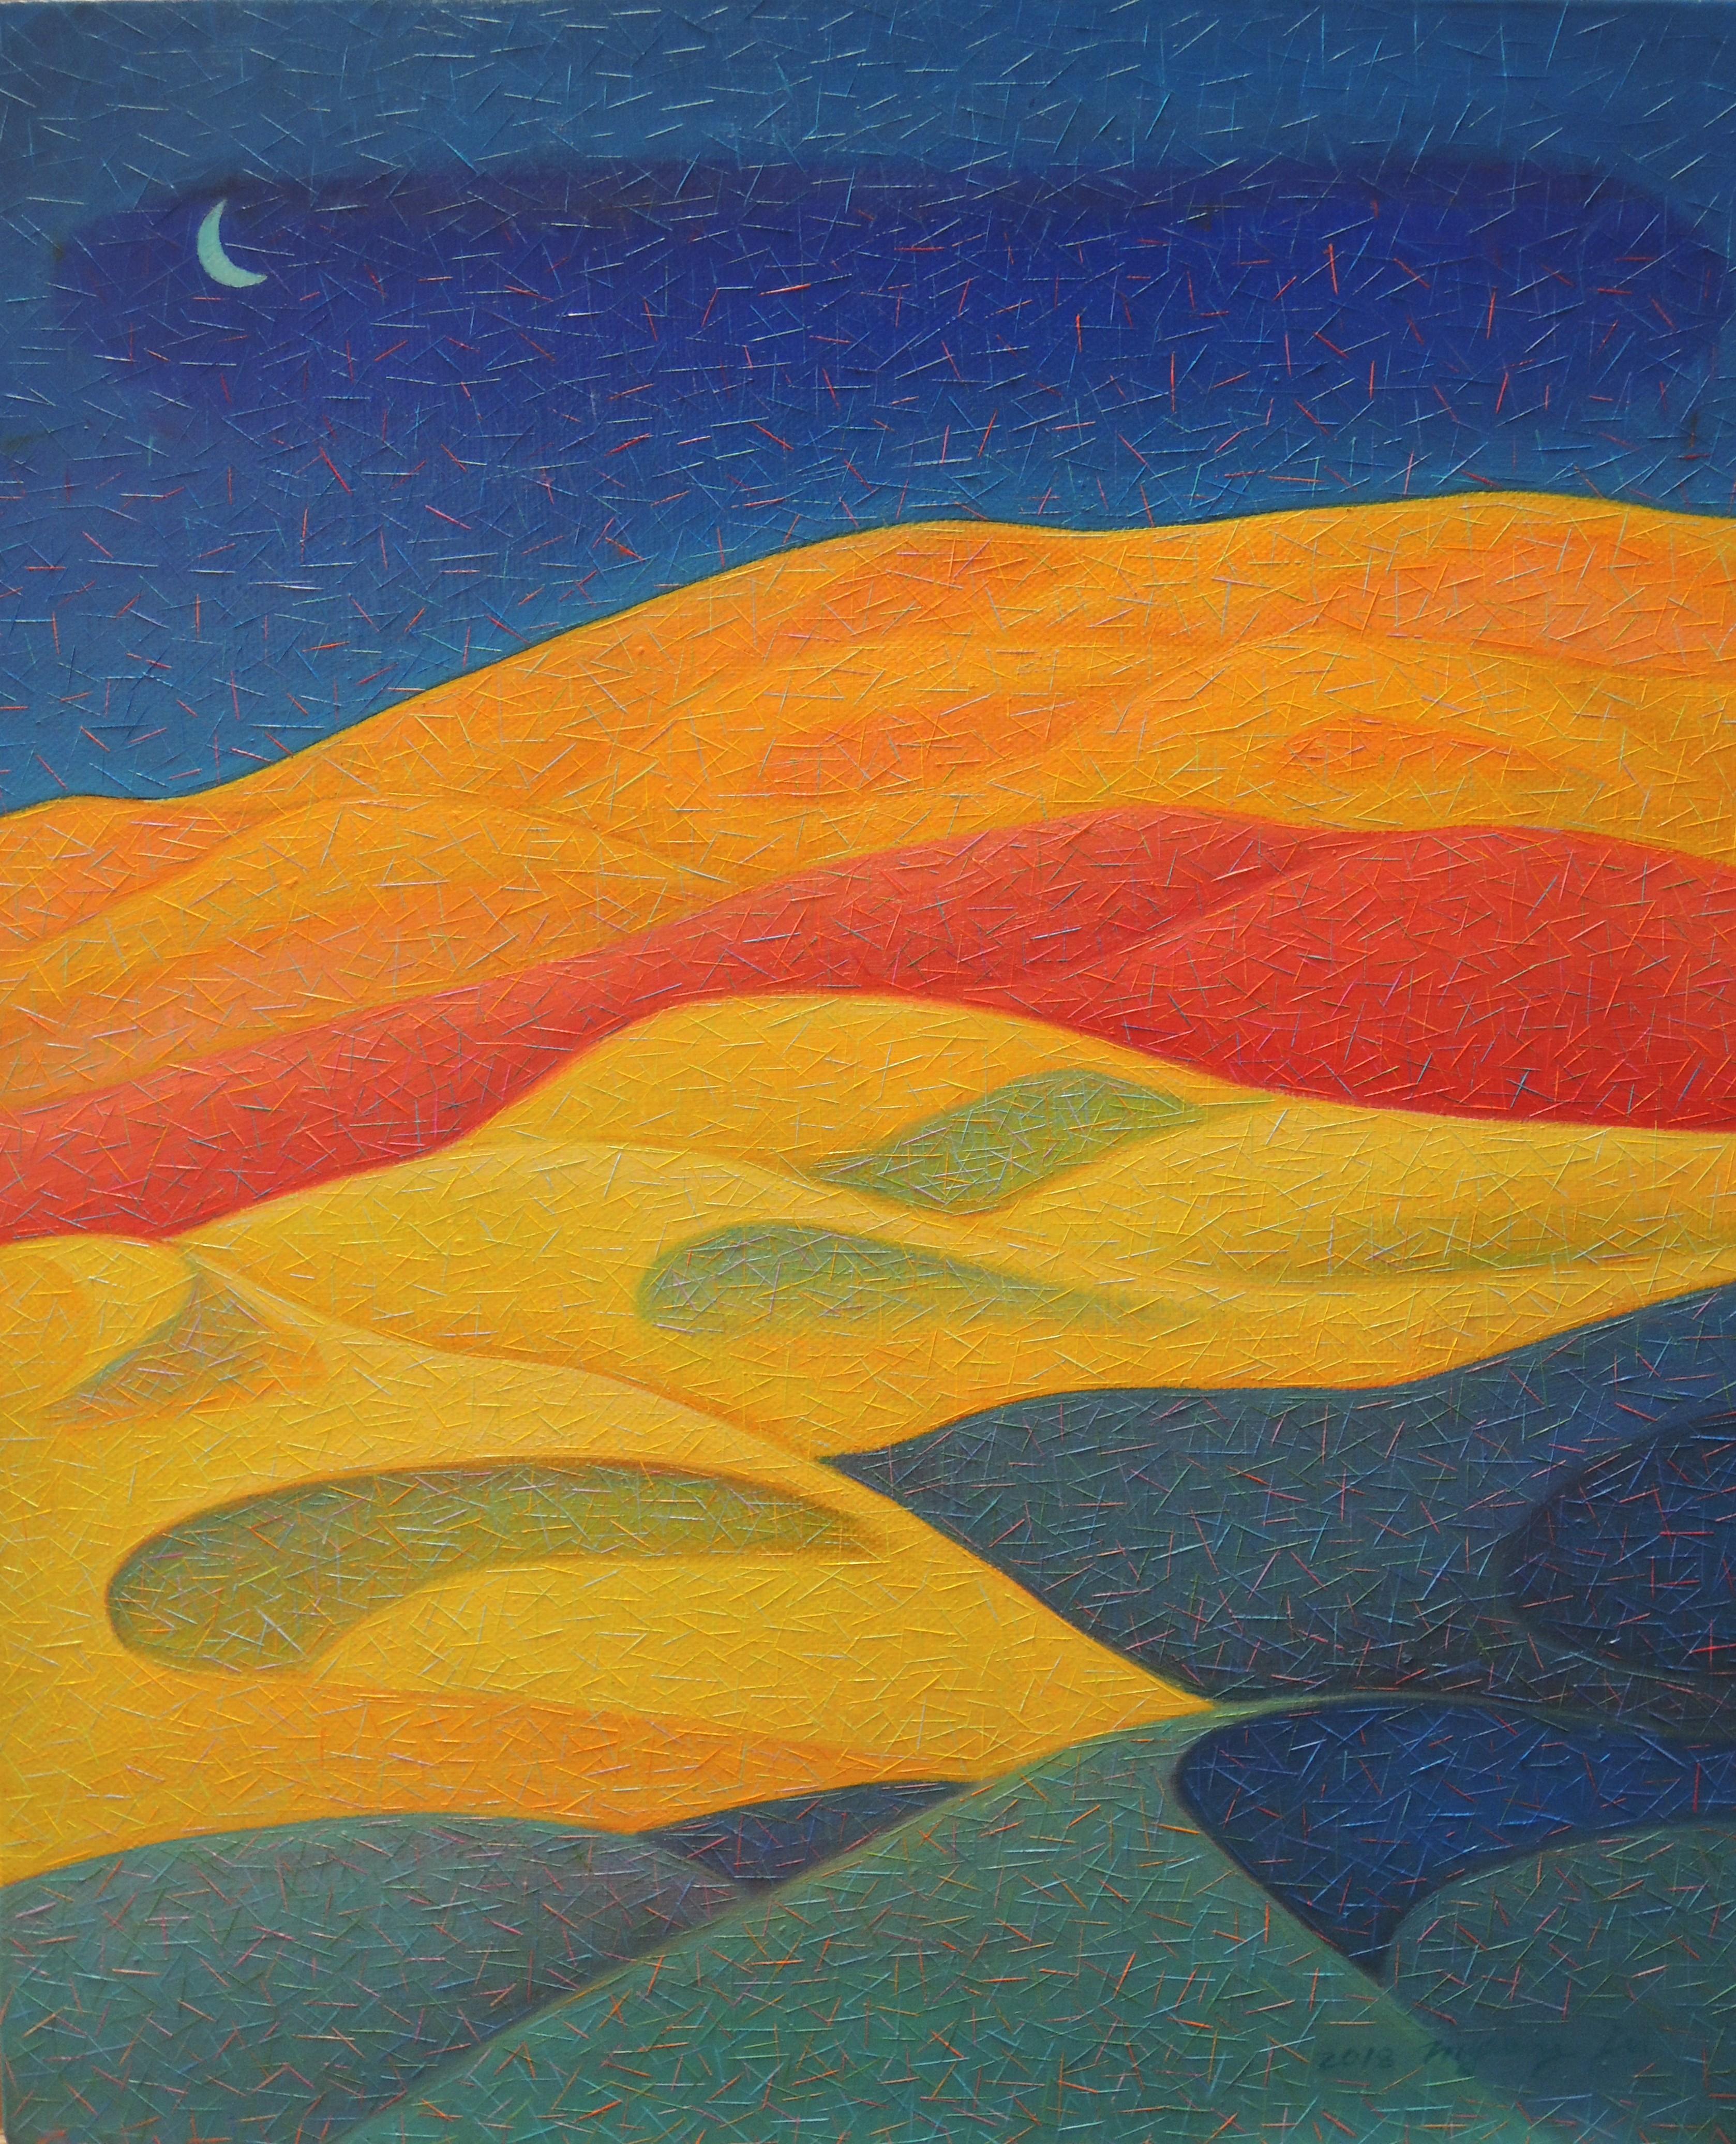 차명주 2 사막의 노래, 45